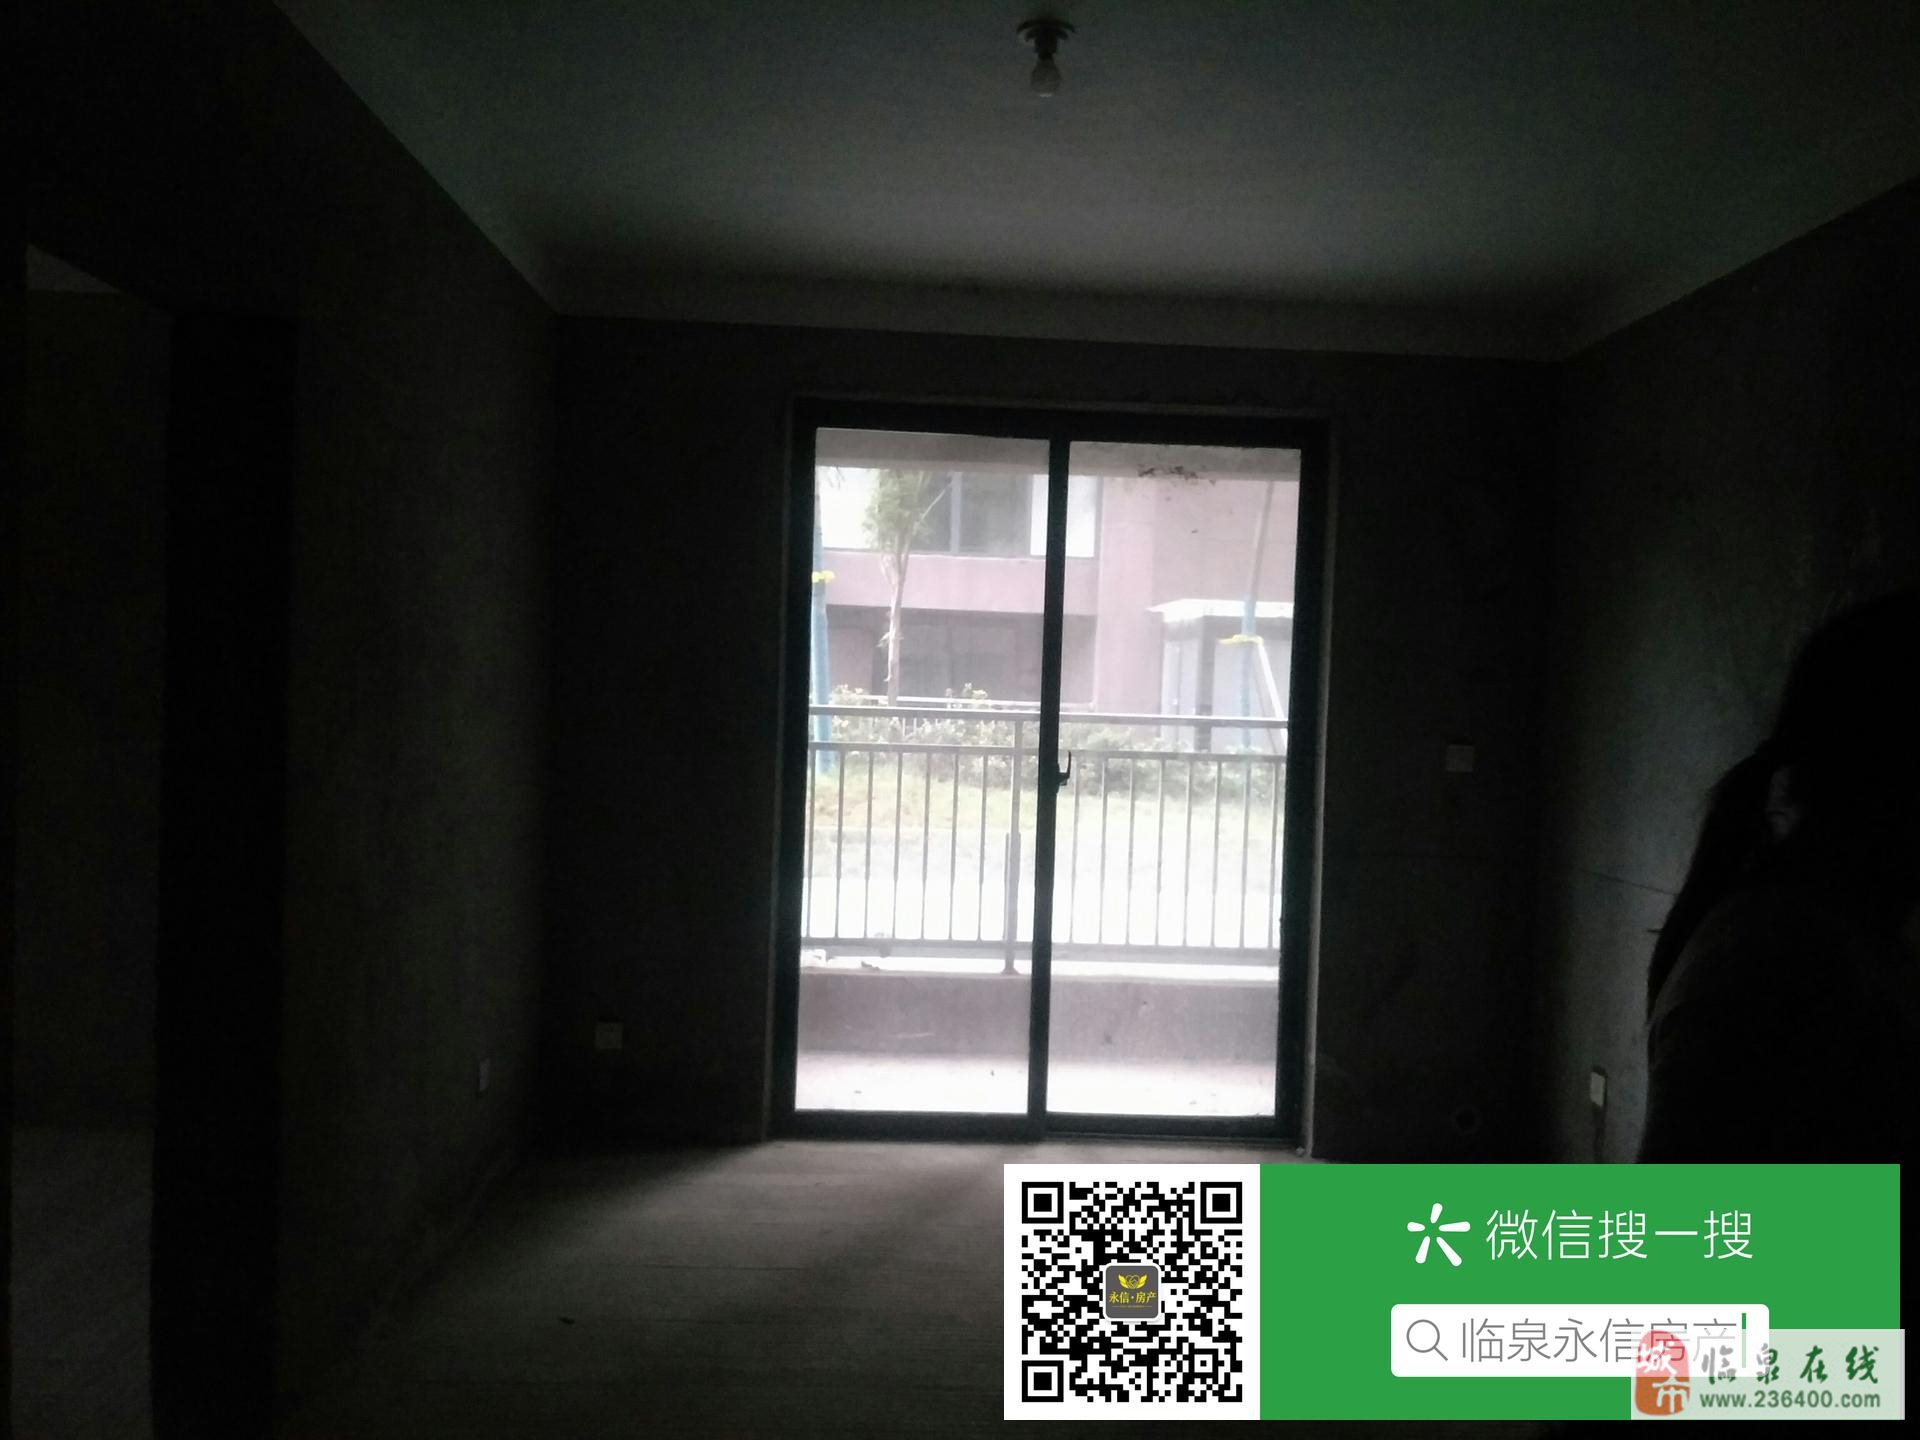 同运凯旋名门2室2厅1卫+西边户+送阁楼+双阳台